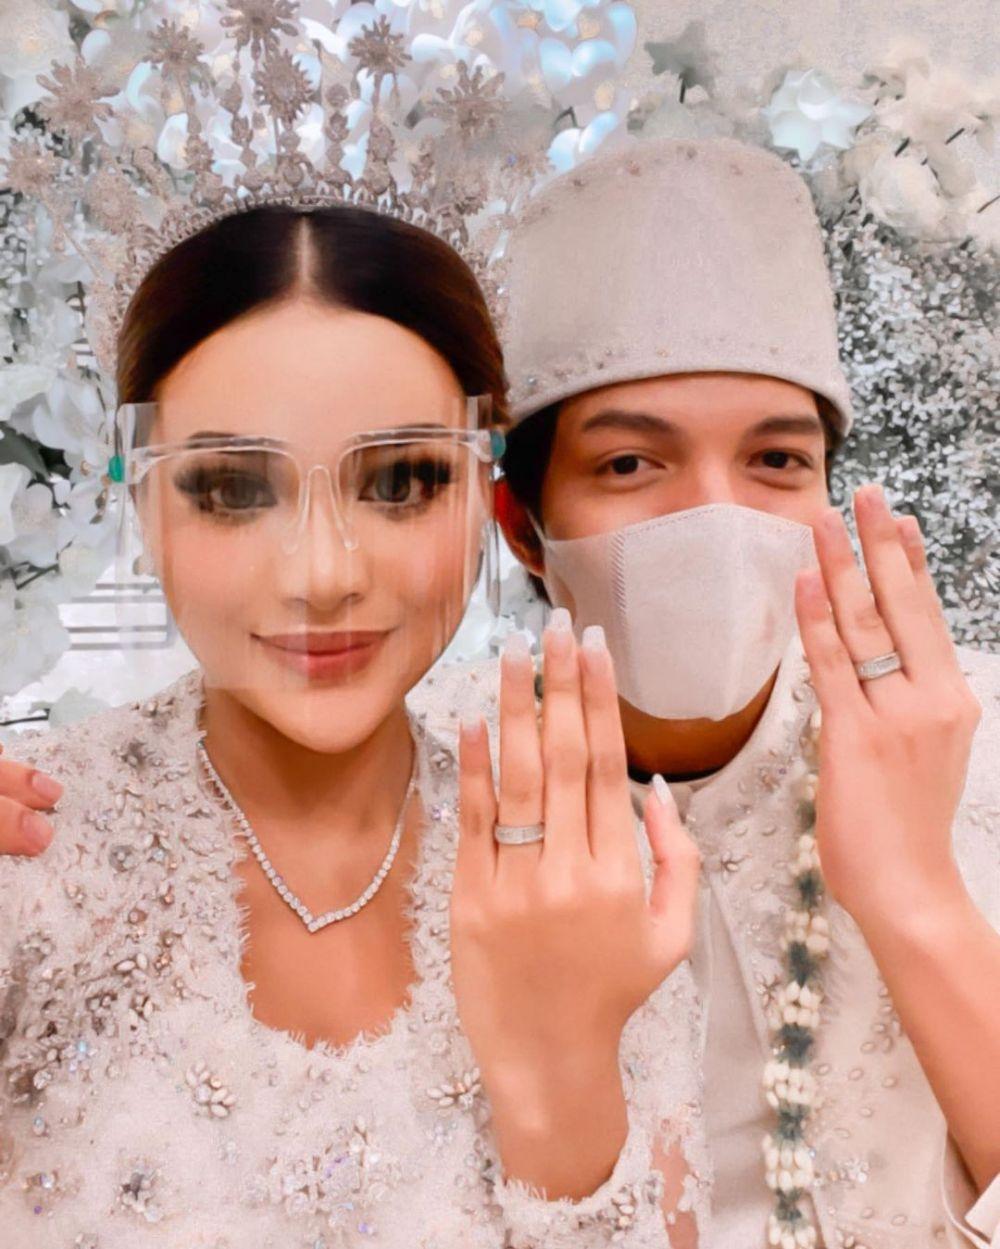 selfie pertama seleb usai menikah © 2021 brilio.net